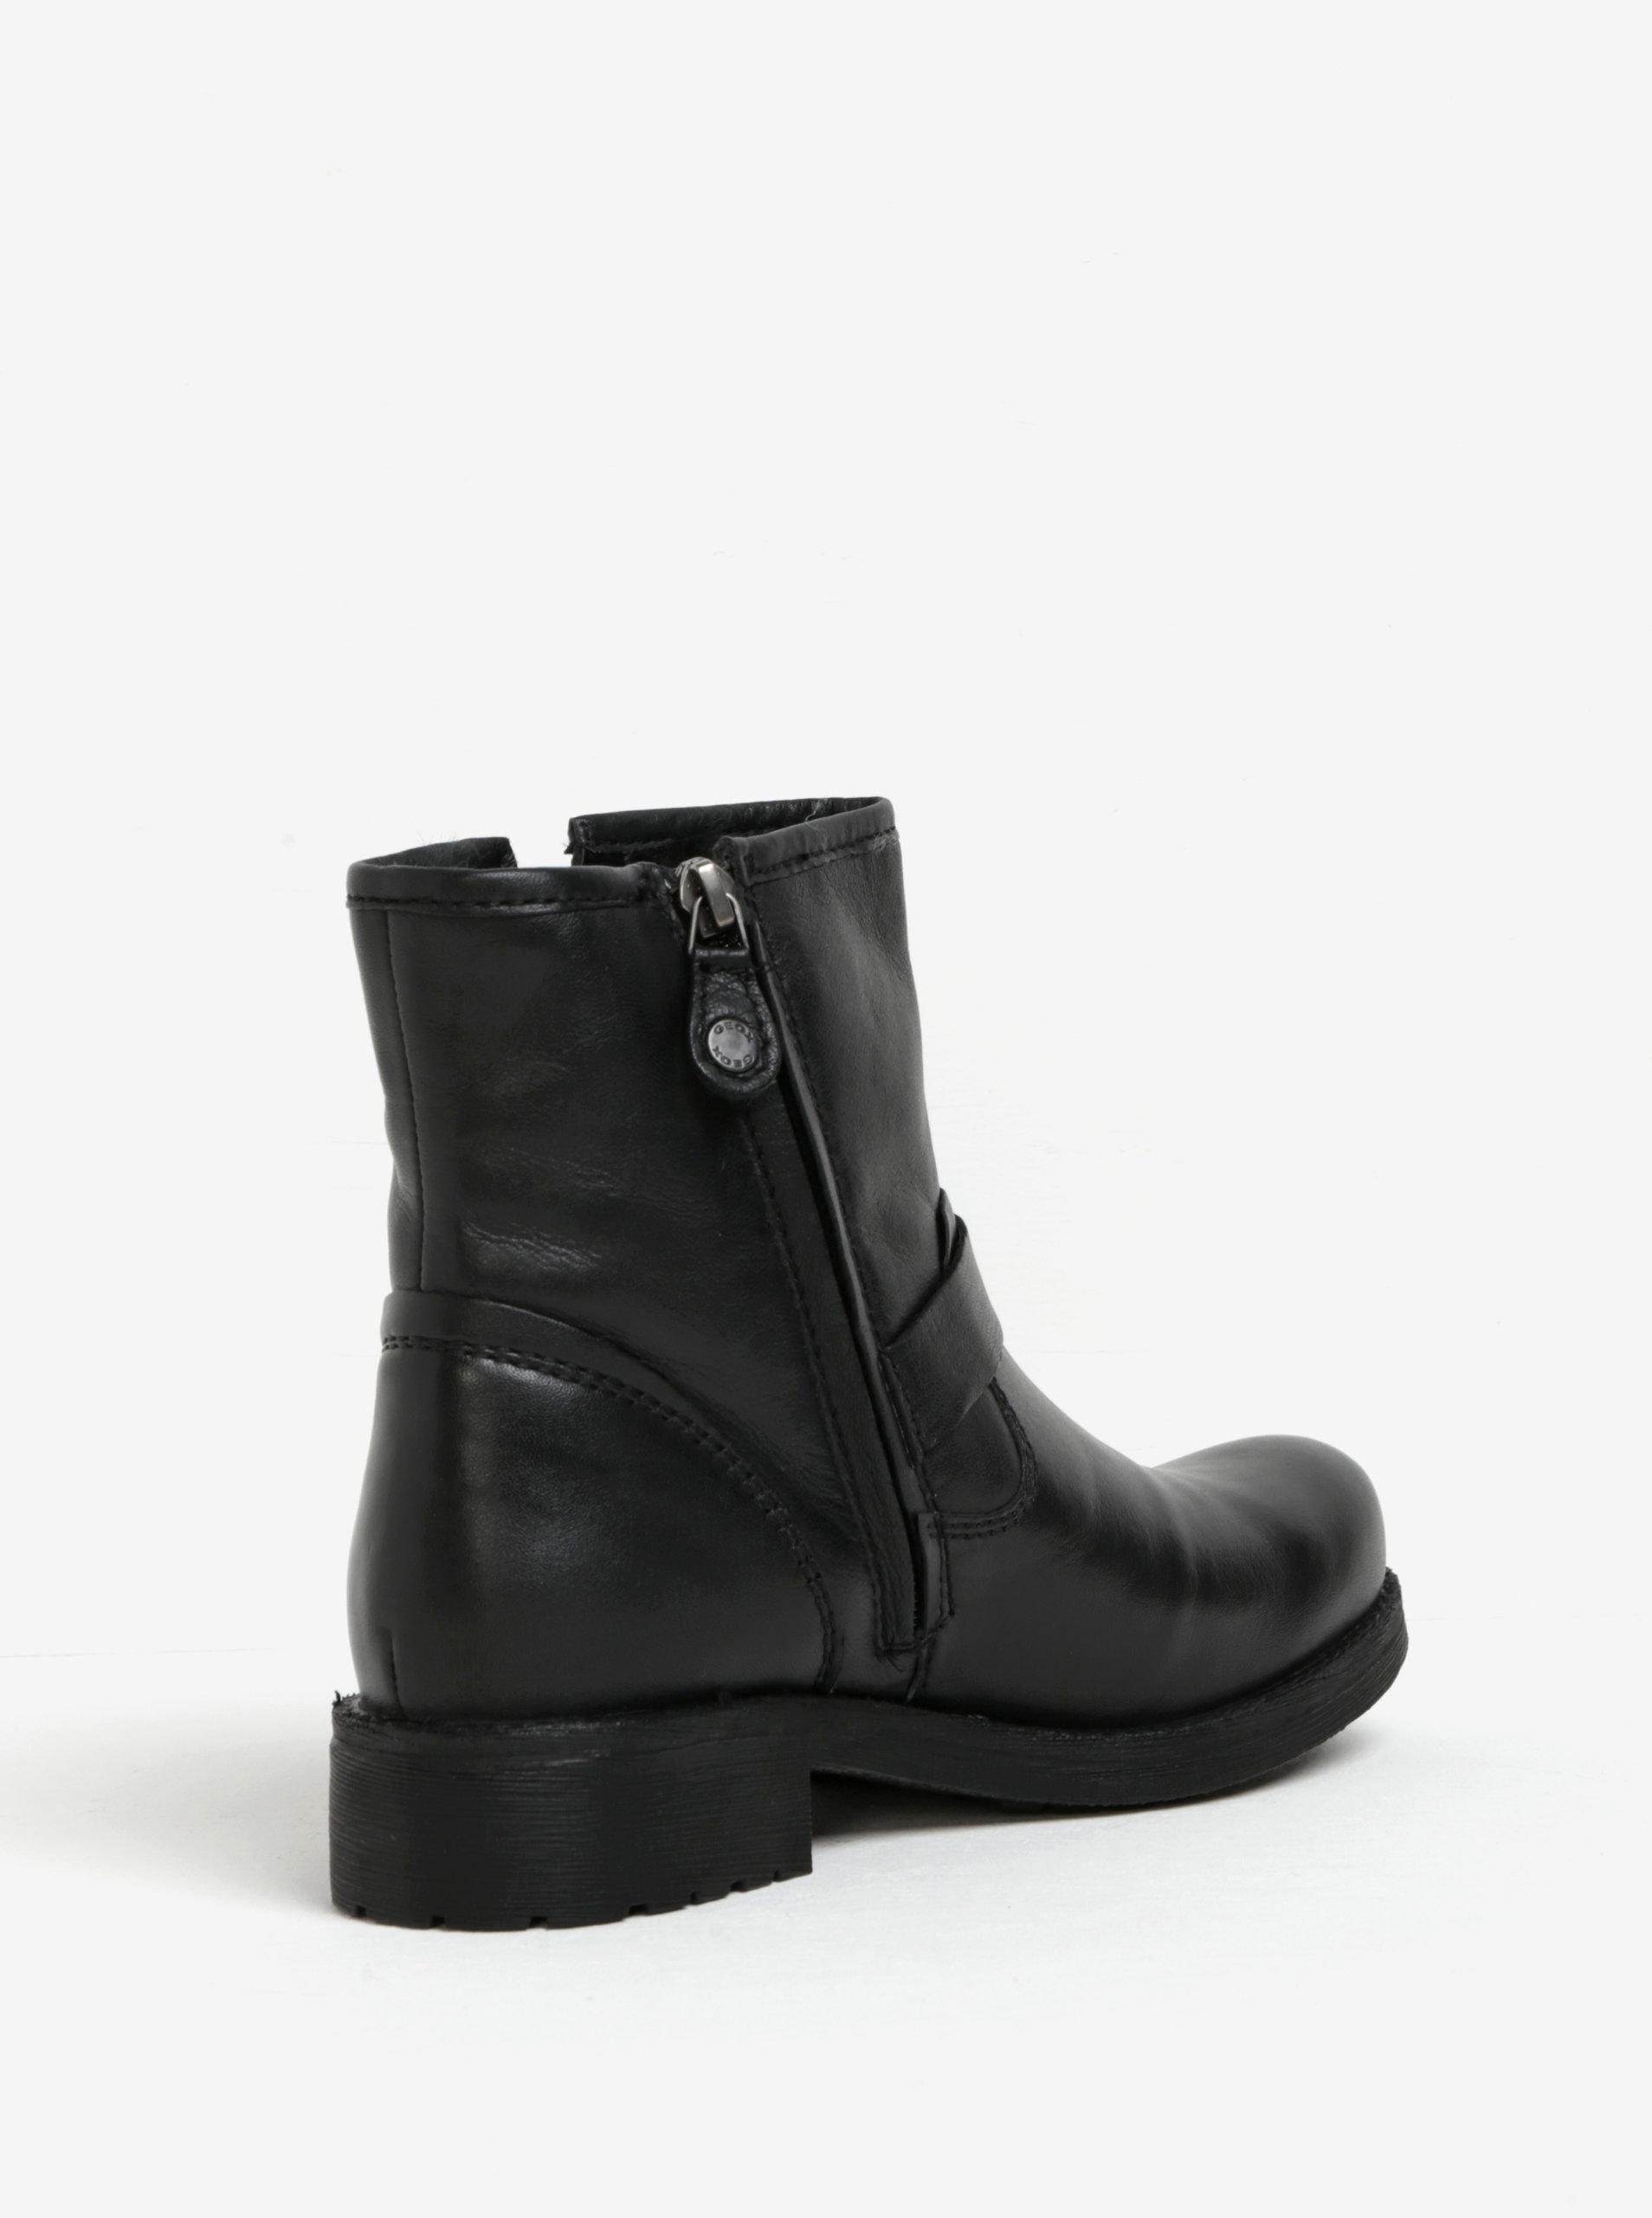 Černé dámské kožené kotníkové boty s přezkou Geox New Virna ... fa63c4f6375